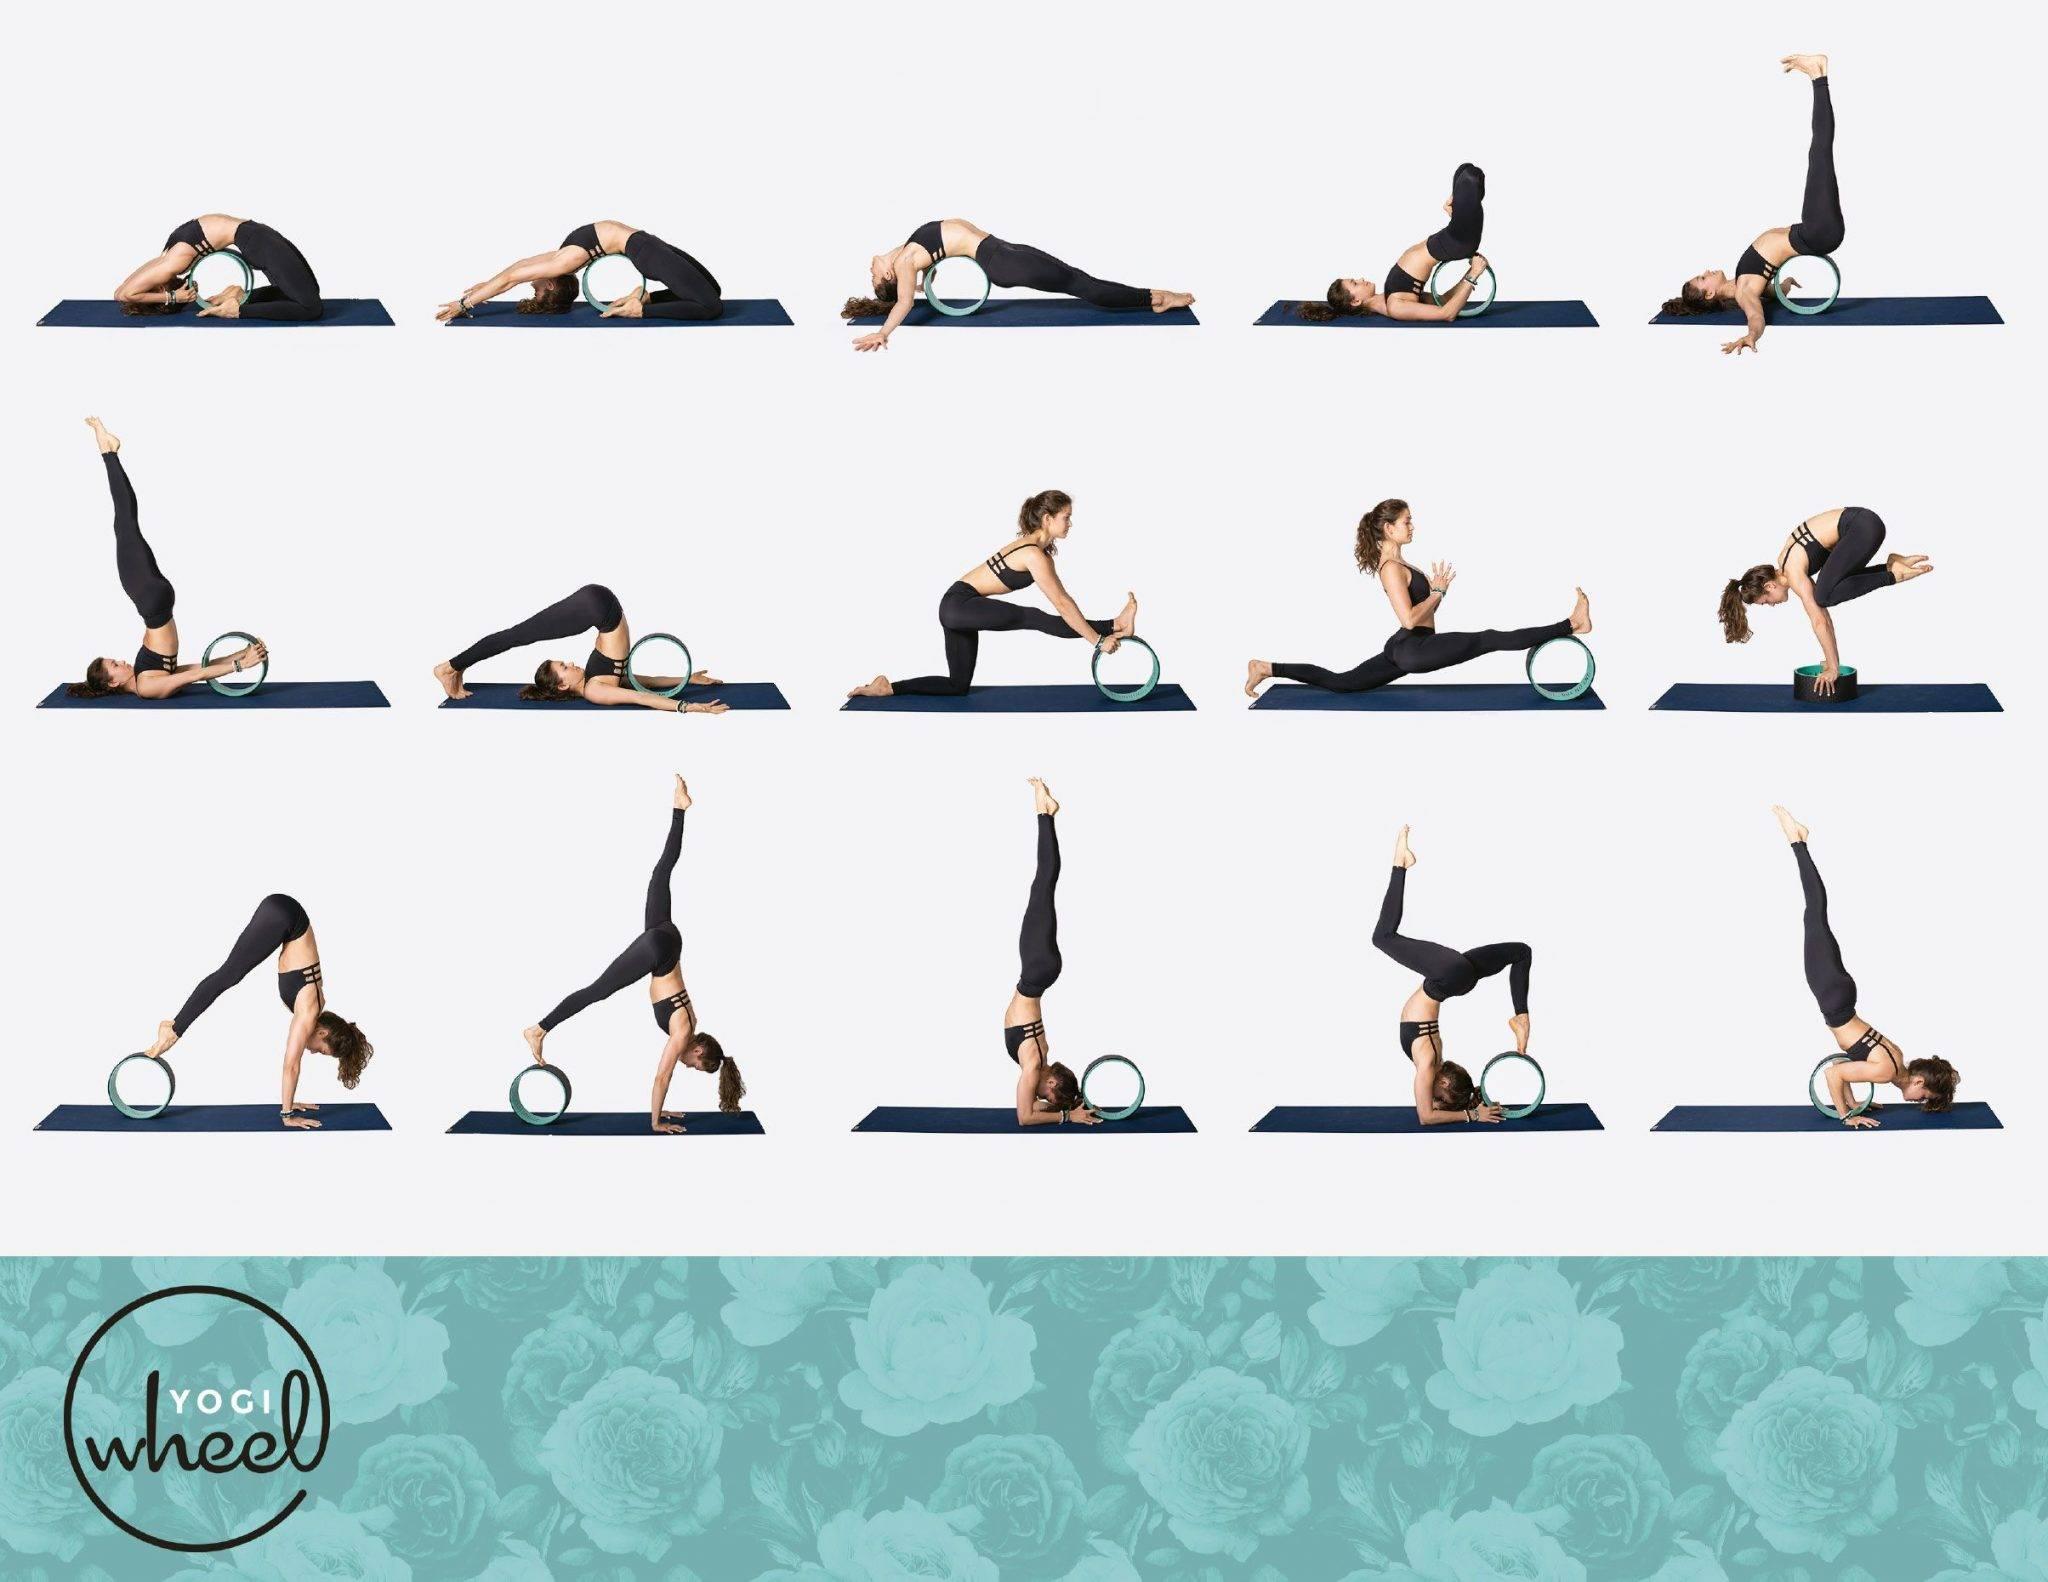 Упражнения йоги для похудения и комплексы: скручивания и наклоны, а также позы стоя и другие варианты